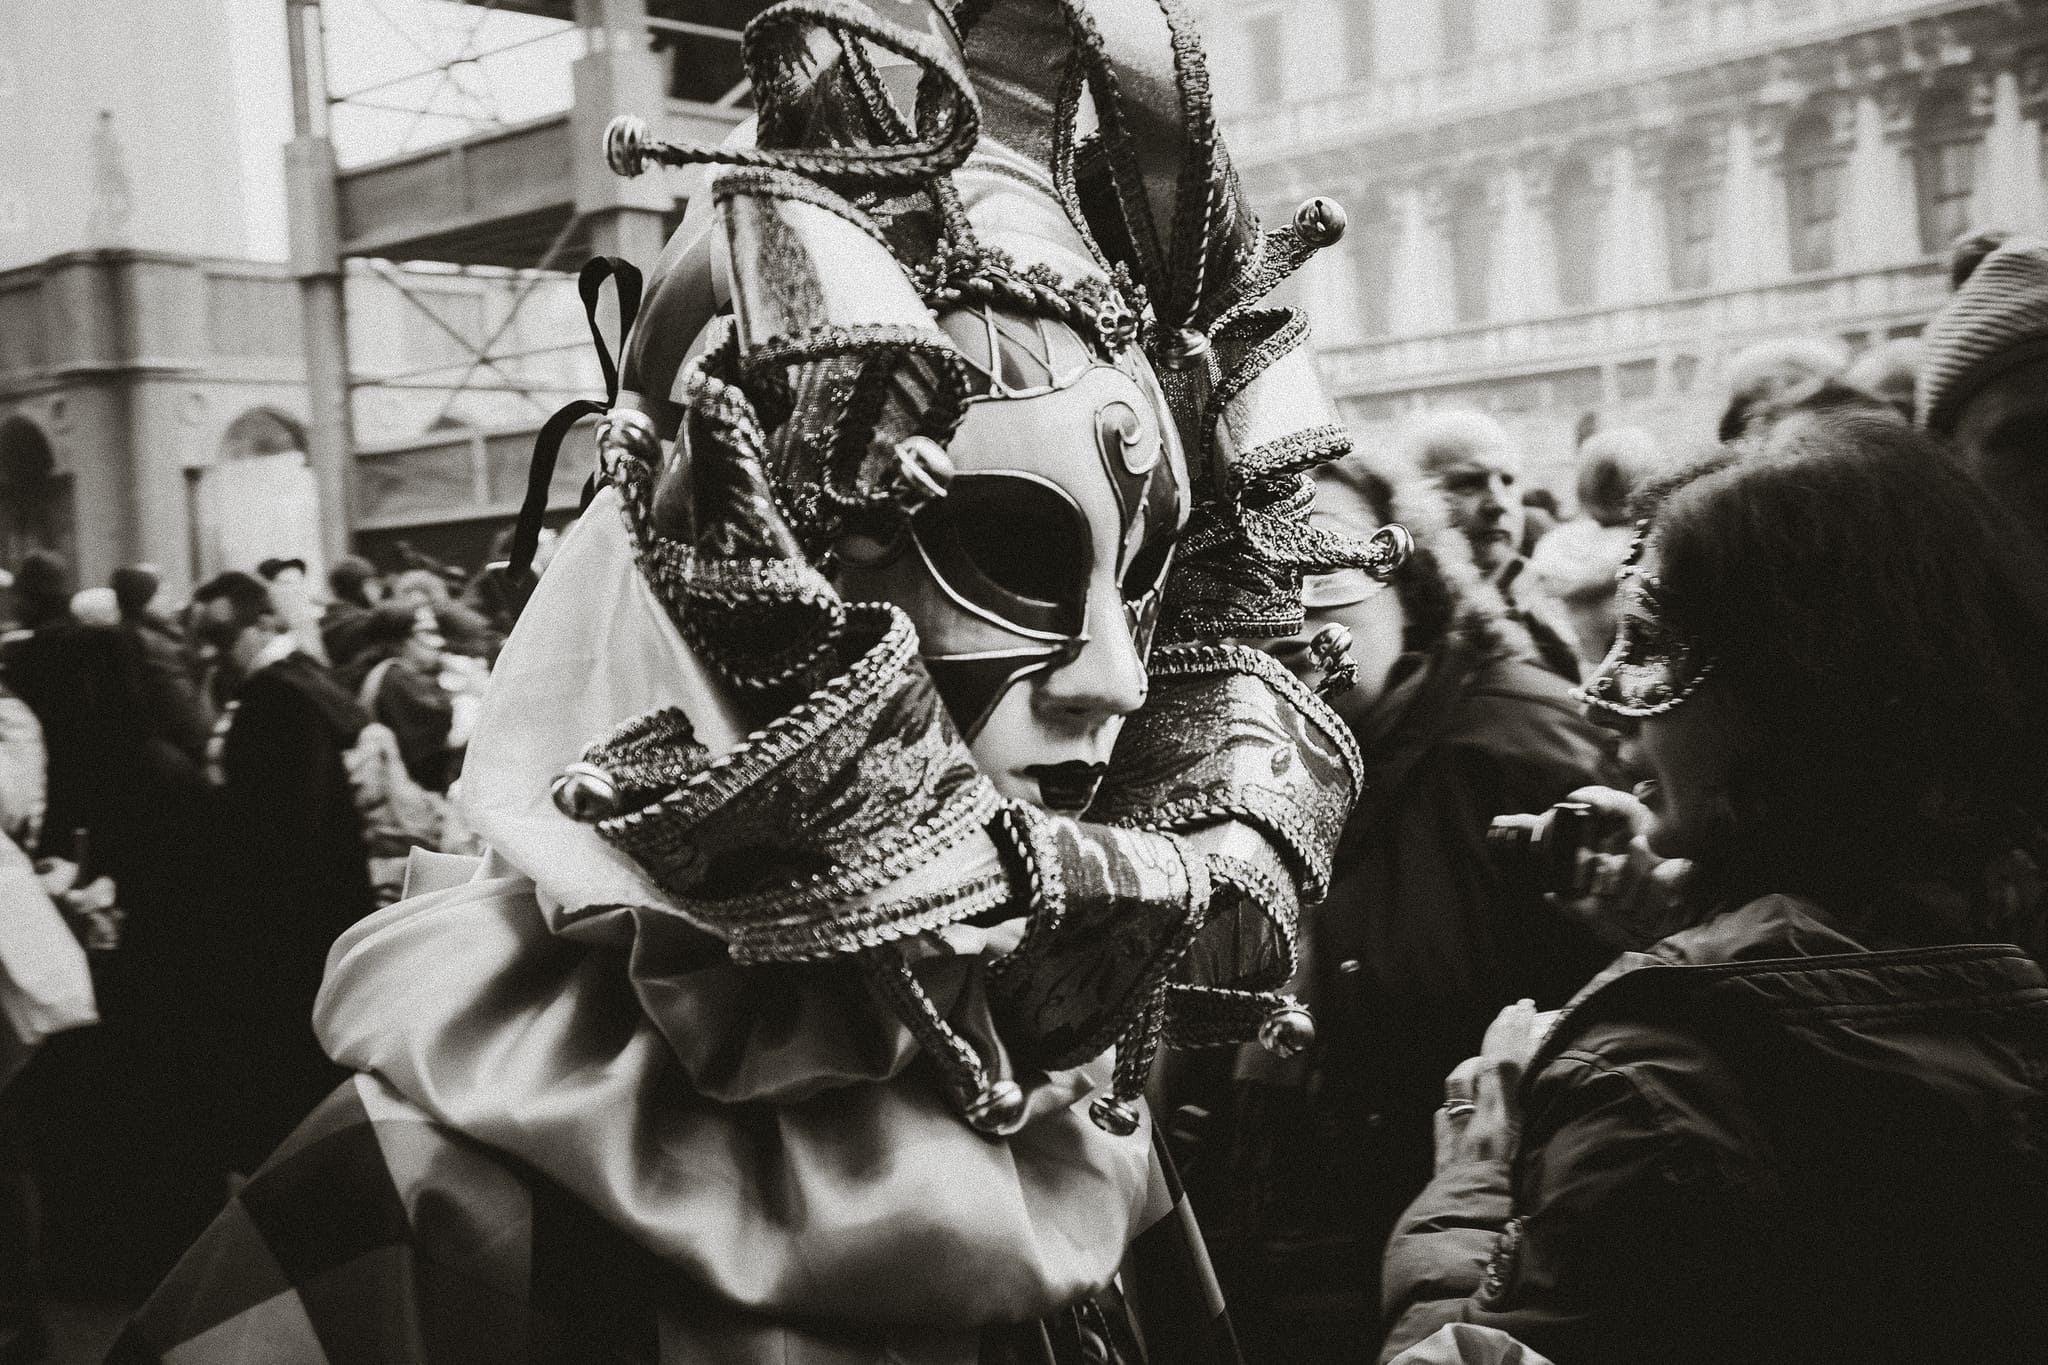 storia del carnevale di venezia